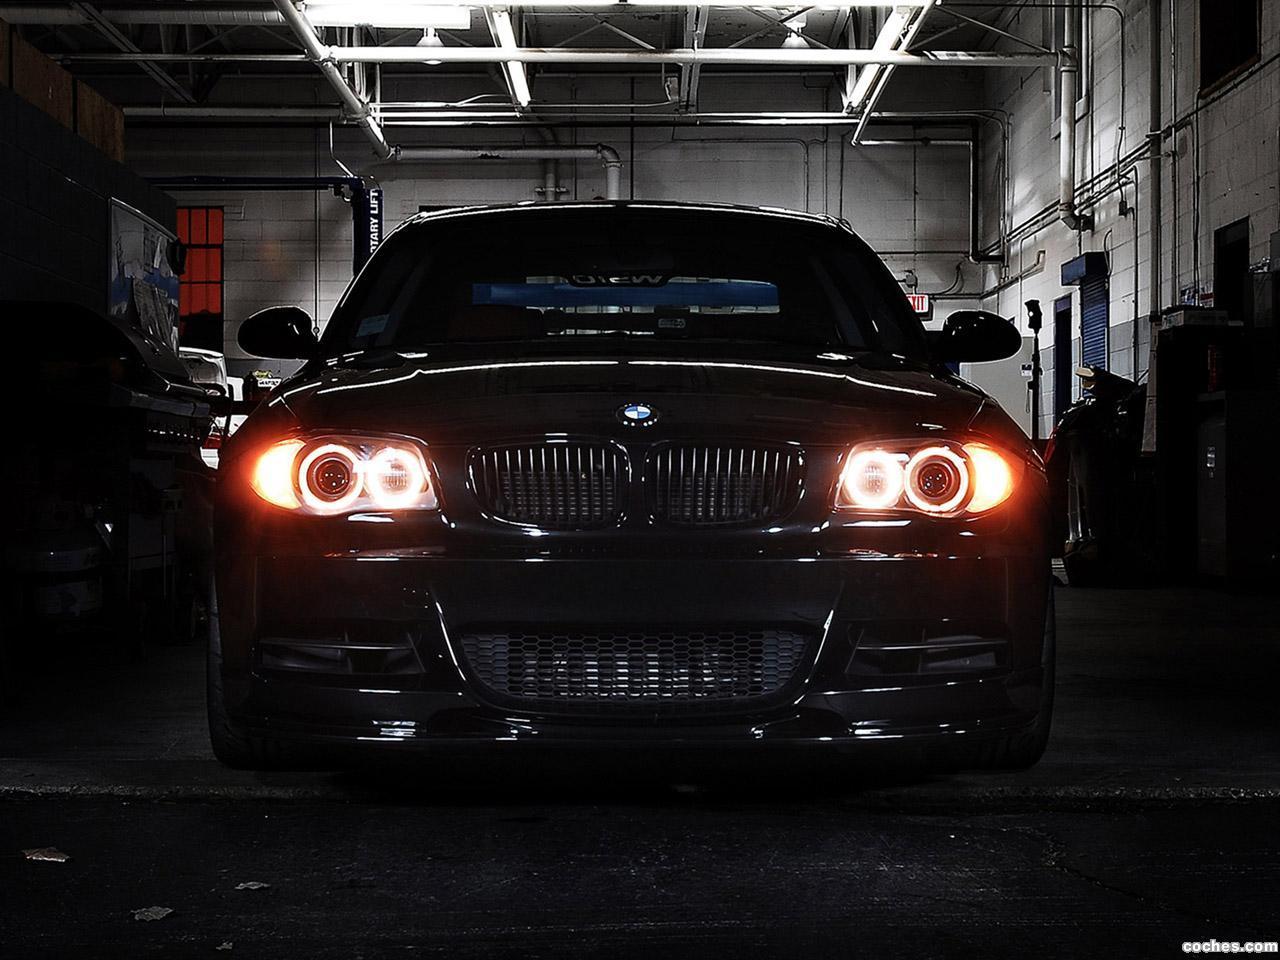 Foto 0 de WSTO BMW Serie 1 Project 1 v1.2 E82 2010